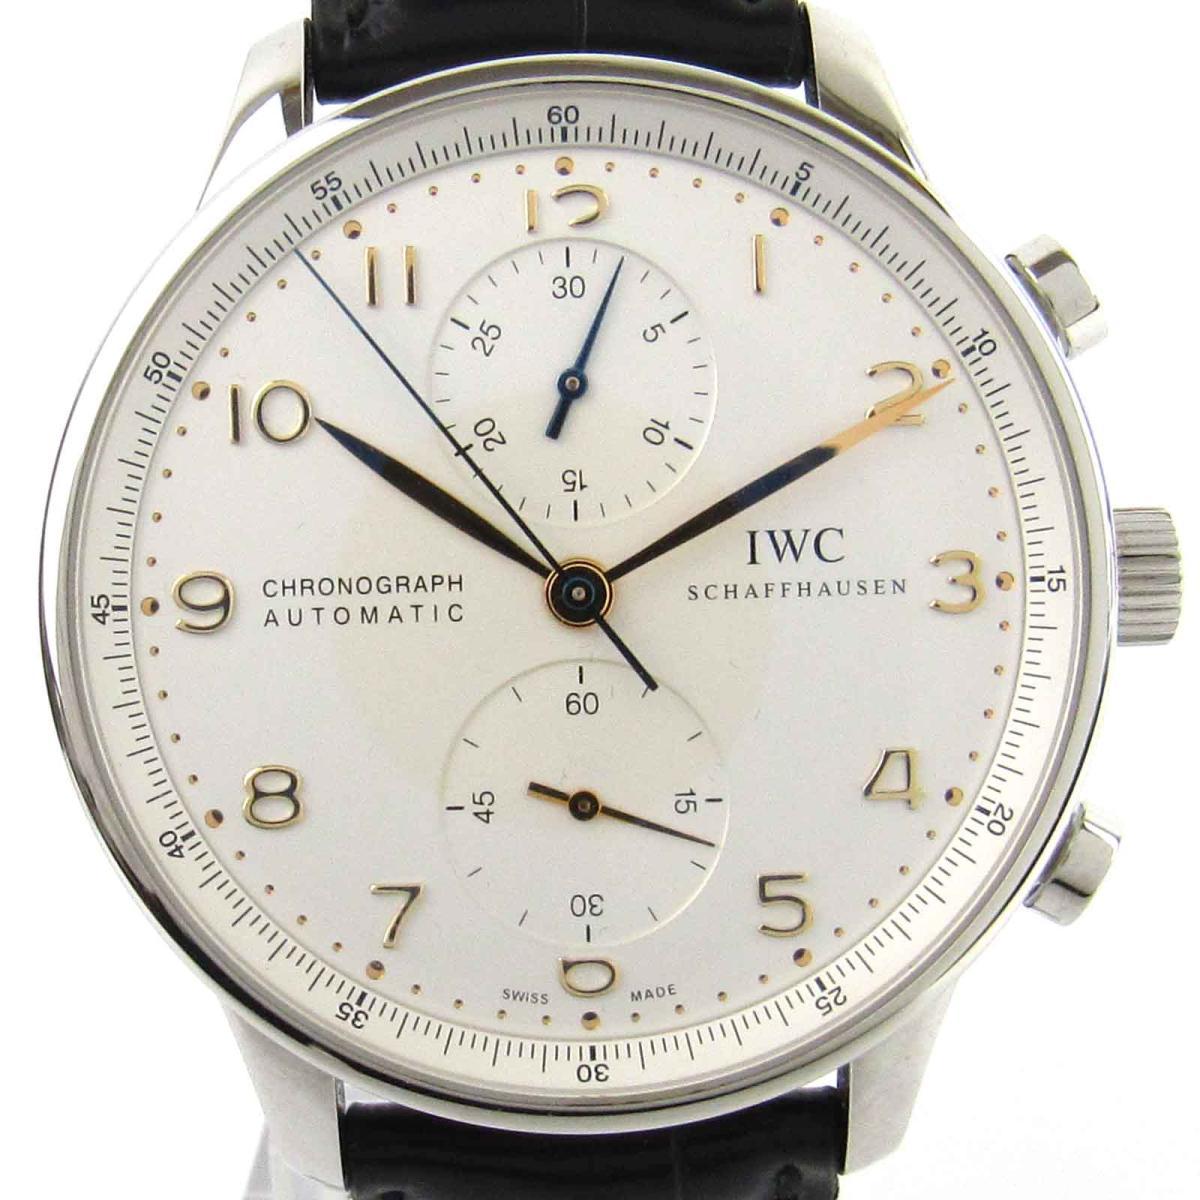 【中古】 インターナショナル・ウォッチ・カンパニー ポルトギーゼ クロノグラフ ウォッチ 腕時計 メンズ ステンレススチール (SS) x レザーベルト (IW371445) | IWC オートマチック 自動巻き 時計 ポルトギーゼ クロノグラフ 美品 ブランドオフ